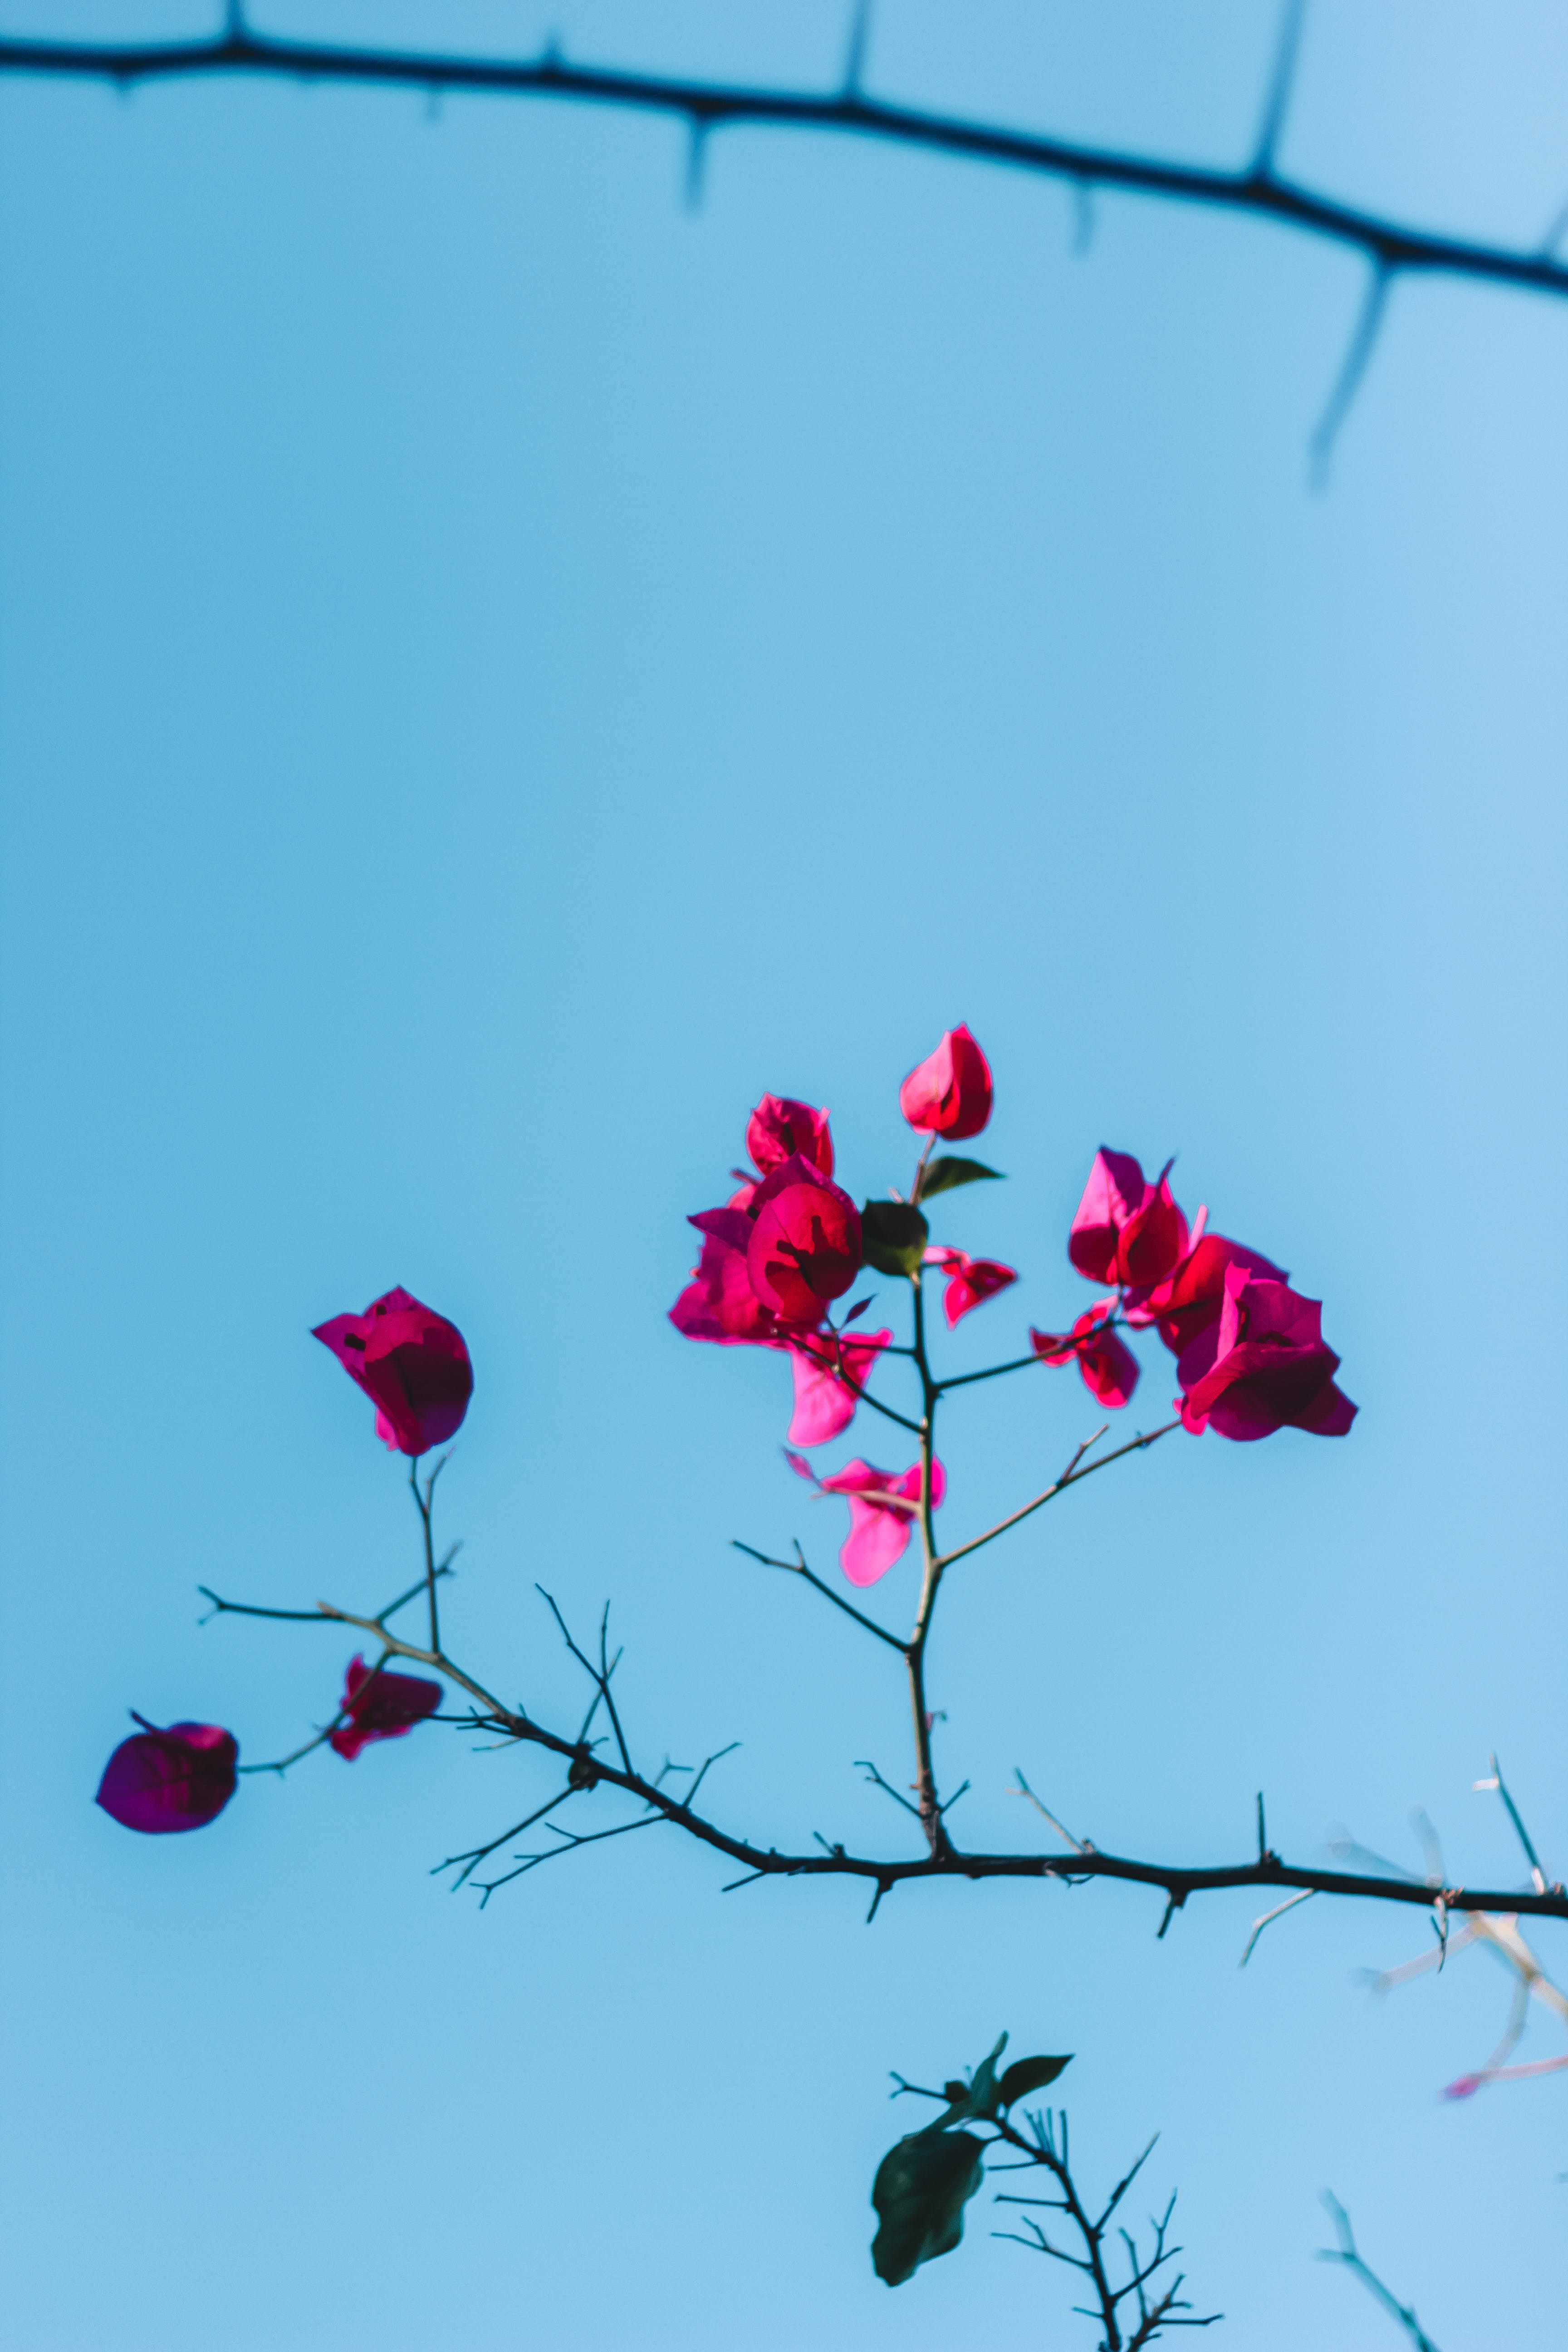 Δωρεάν στοκ φωτογραφιών με ανθίζω, άνθος, κλαδί, λουλούδια